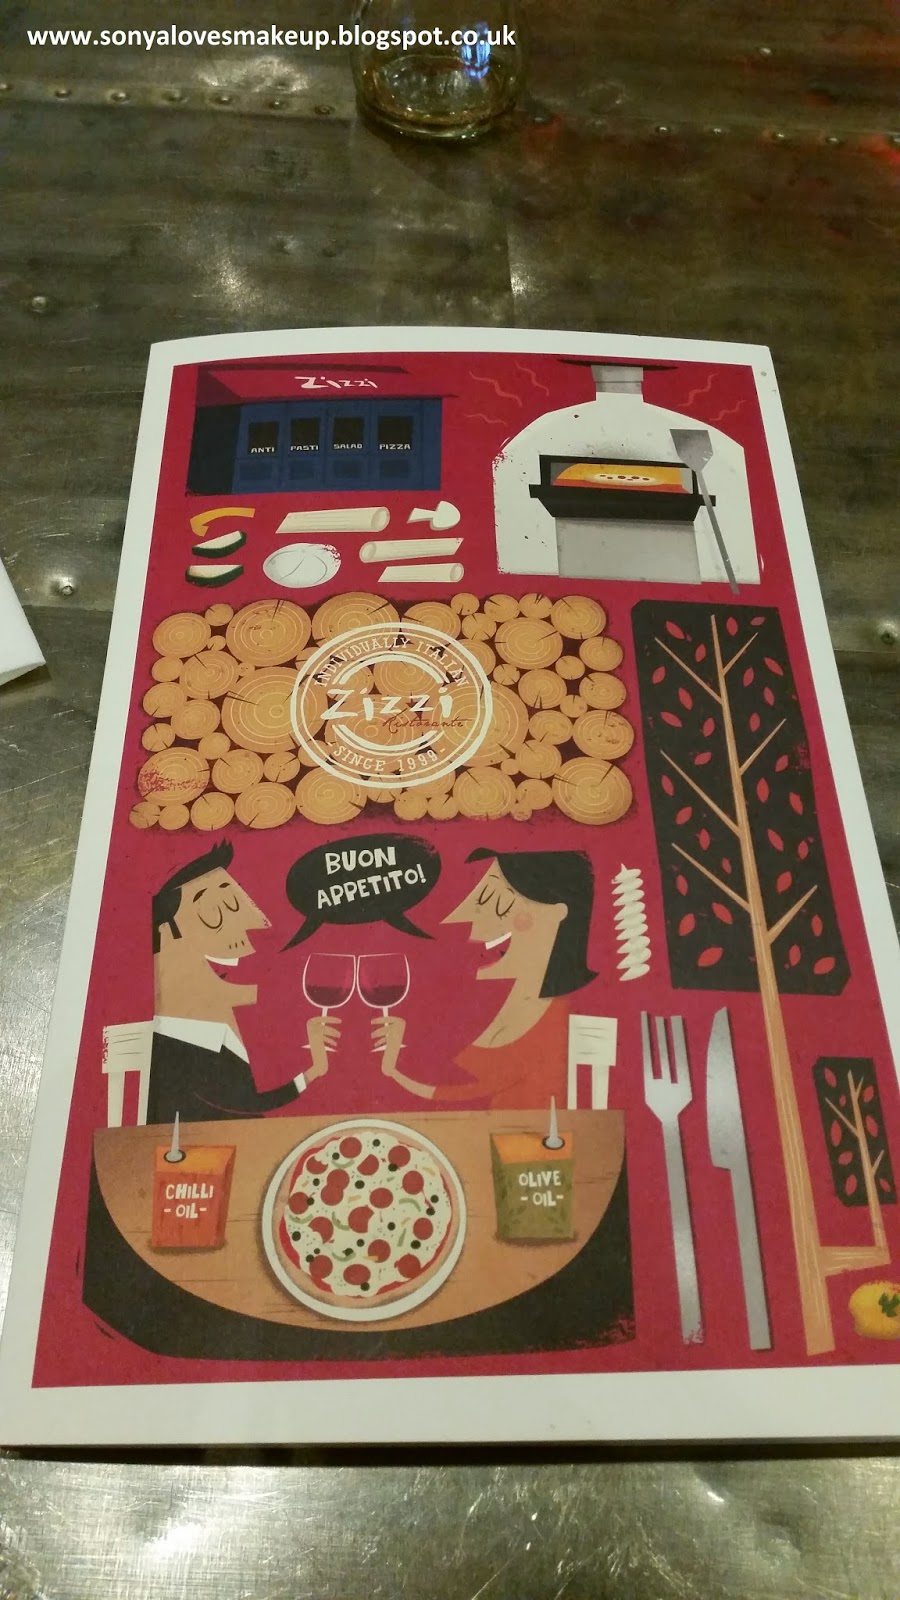 Zizzi Ristorante, Italian food, Romford, Essex